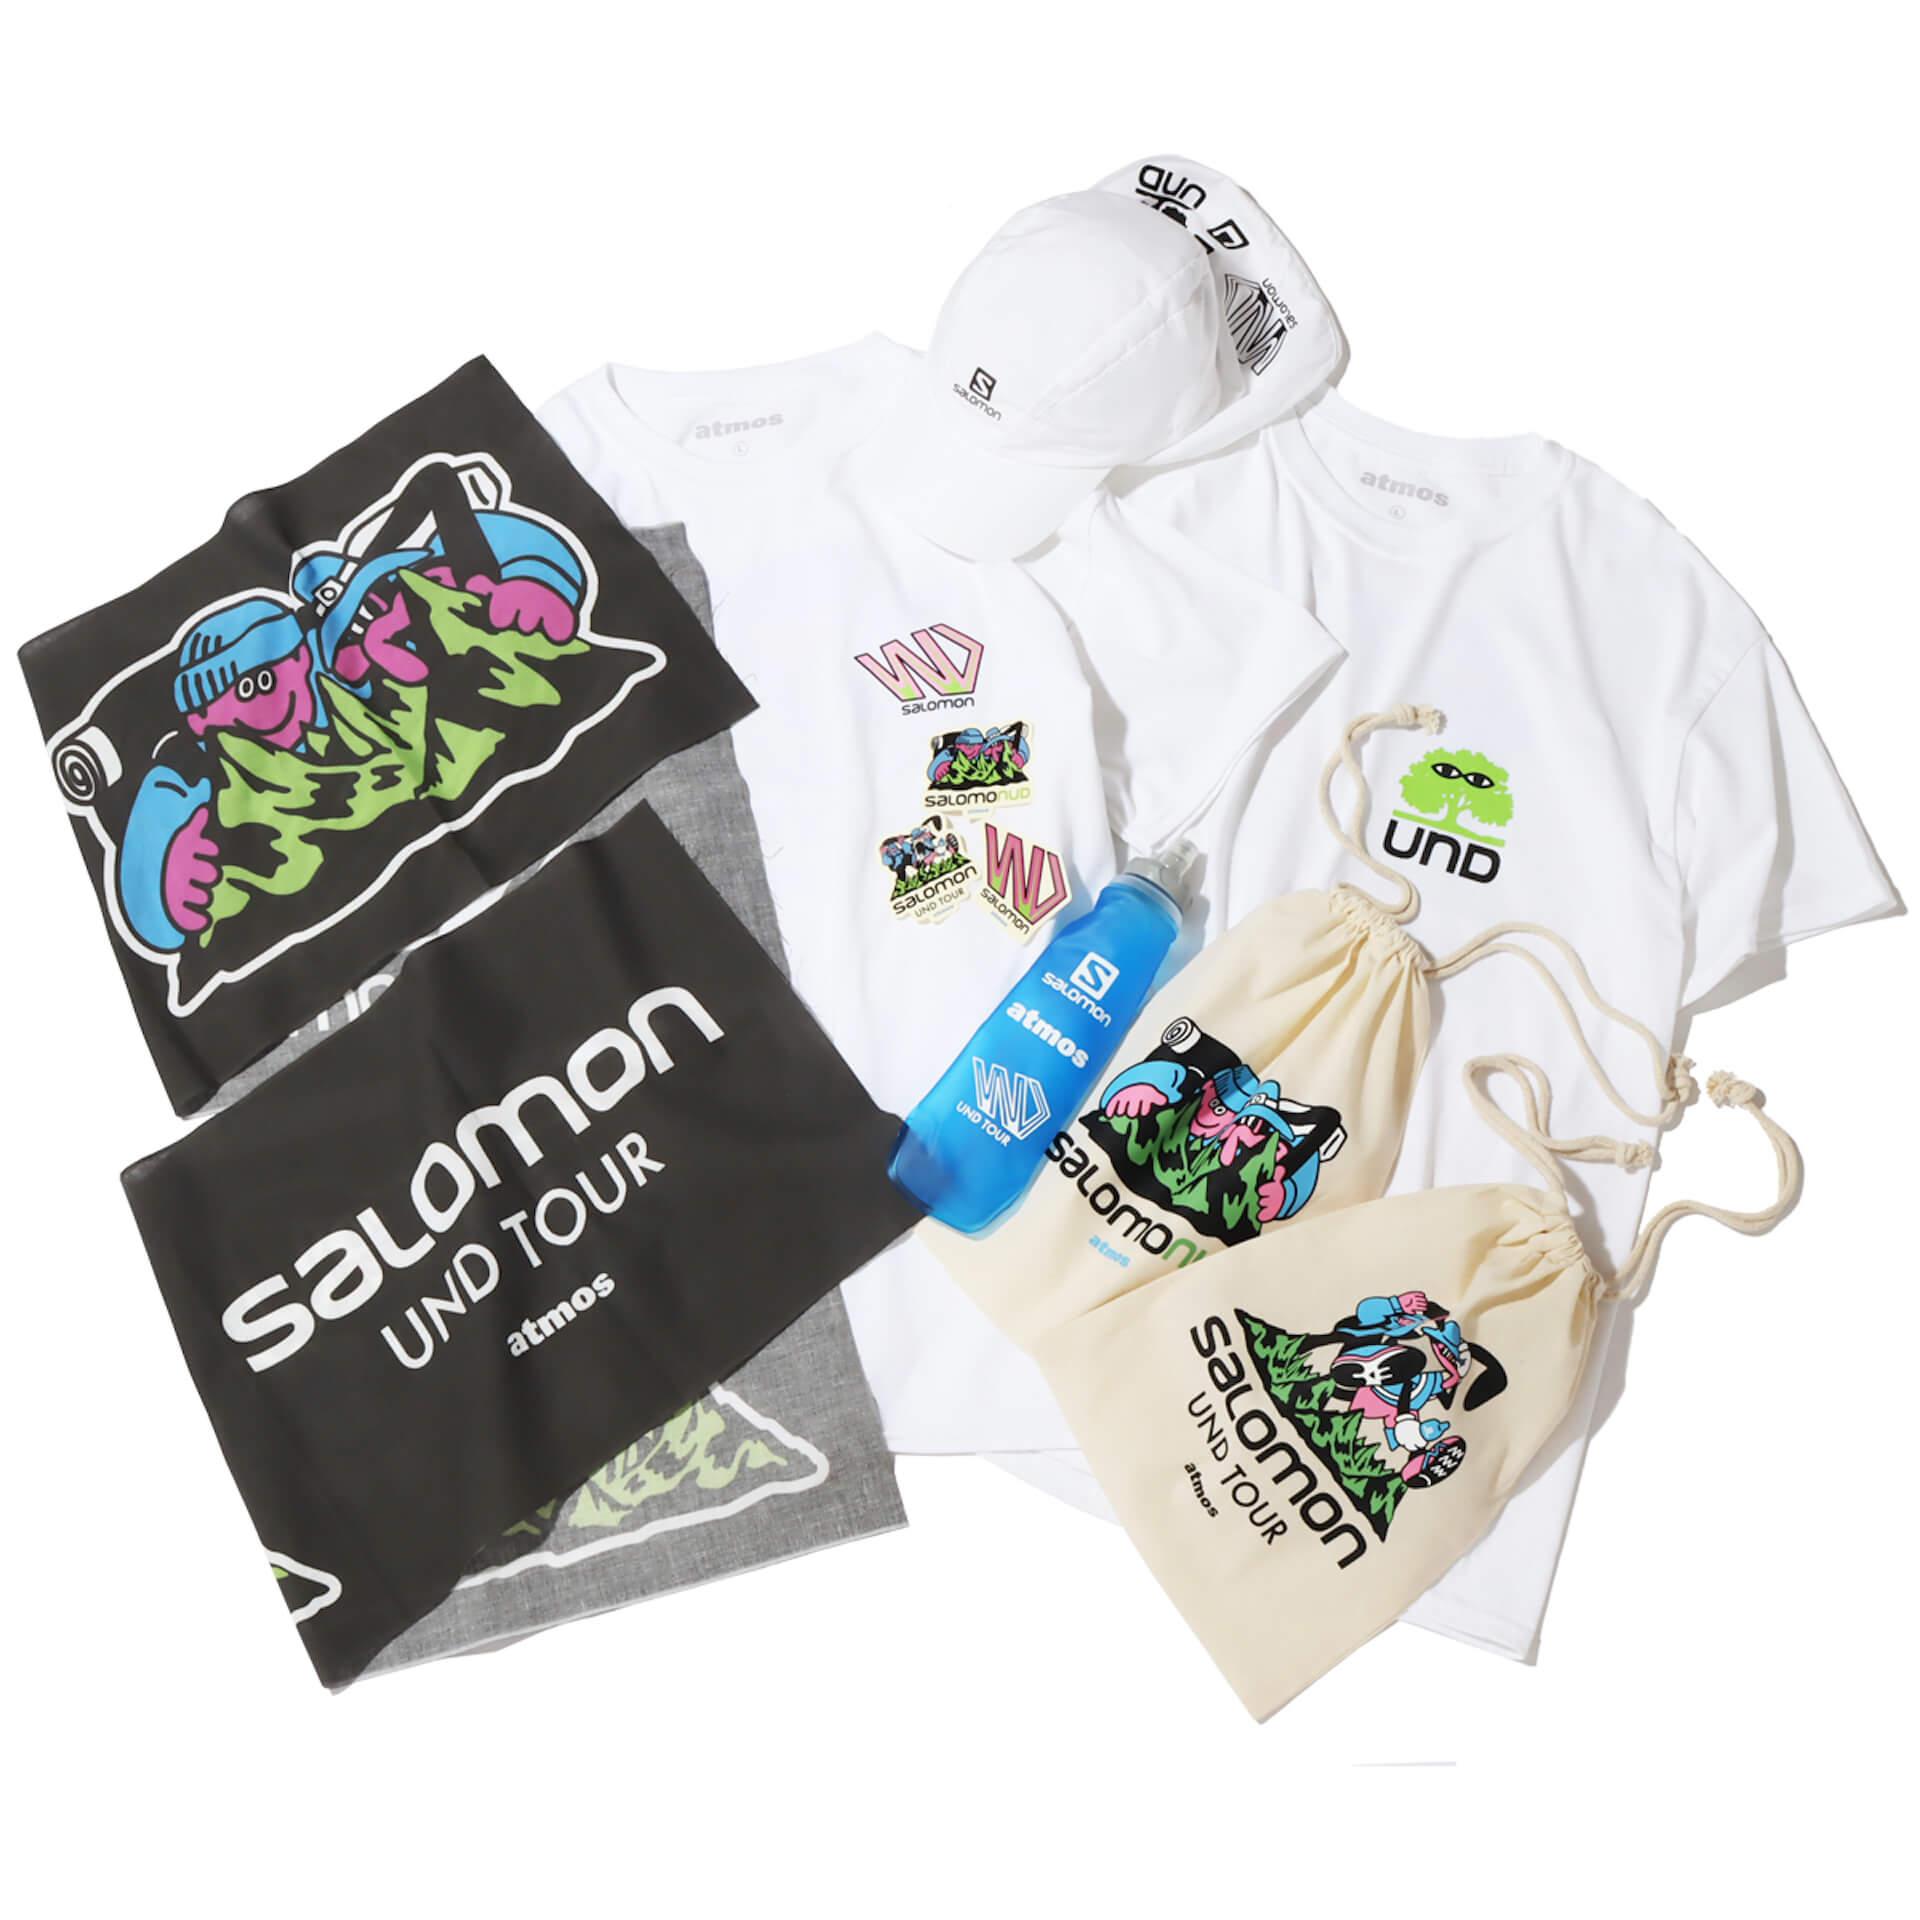 イラストレーターFACE、SHINKNOWNSUKEによるアートユニットUNDによる<First steps with Salomon〜UND TOUR〜>アート展が開催! Fashion210622_und_atoms19